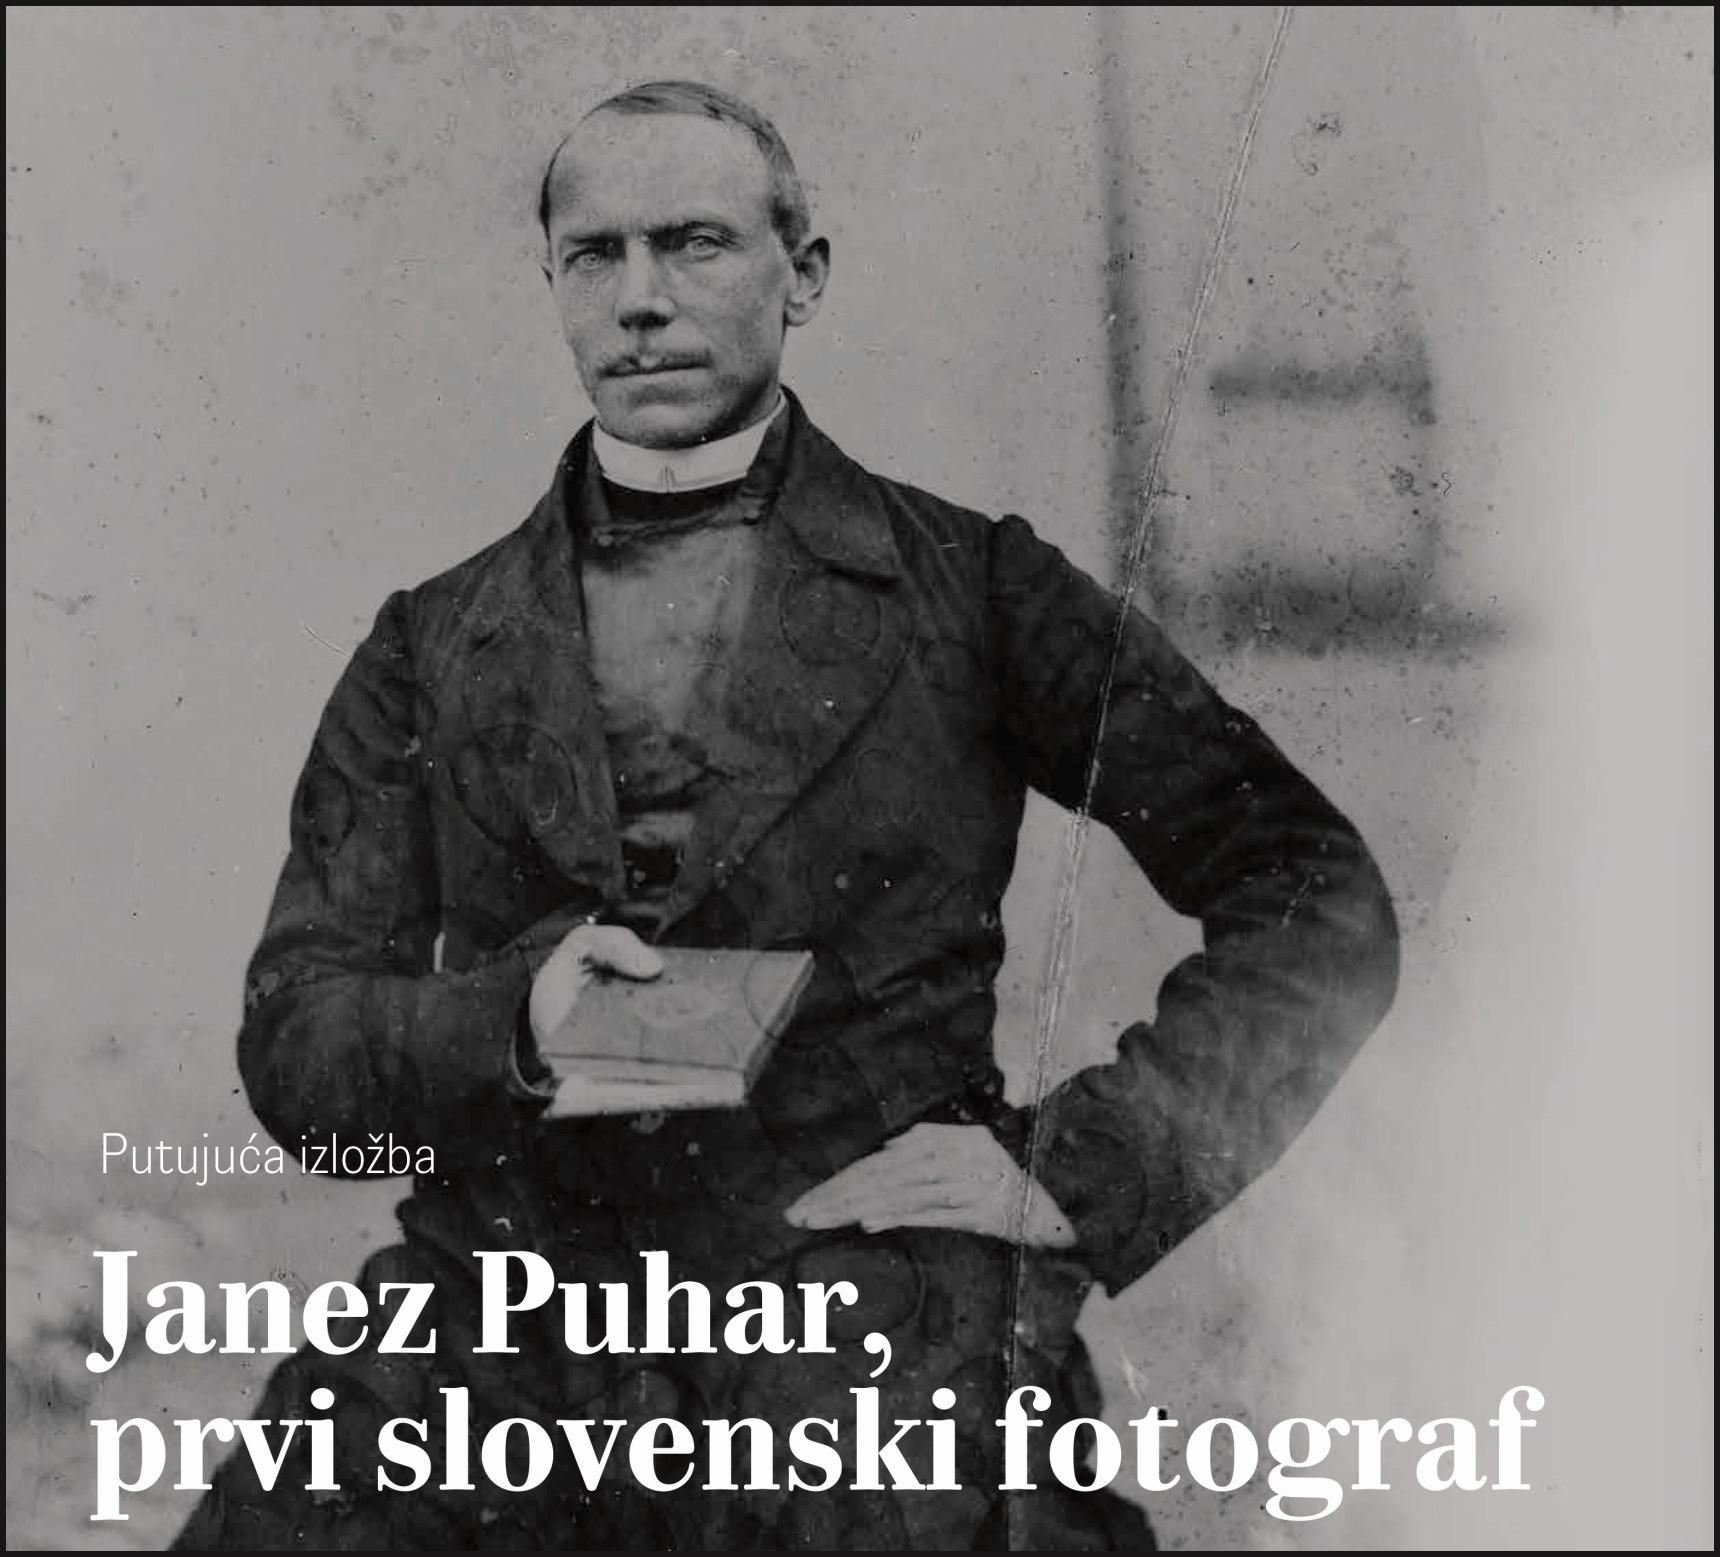 Gradska Knjiznica Ivan Goran Kovacic Stranica 5 Aktiviraj Karlovac